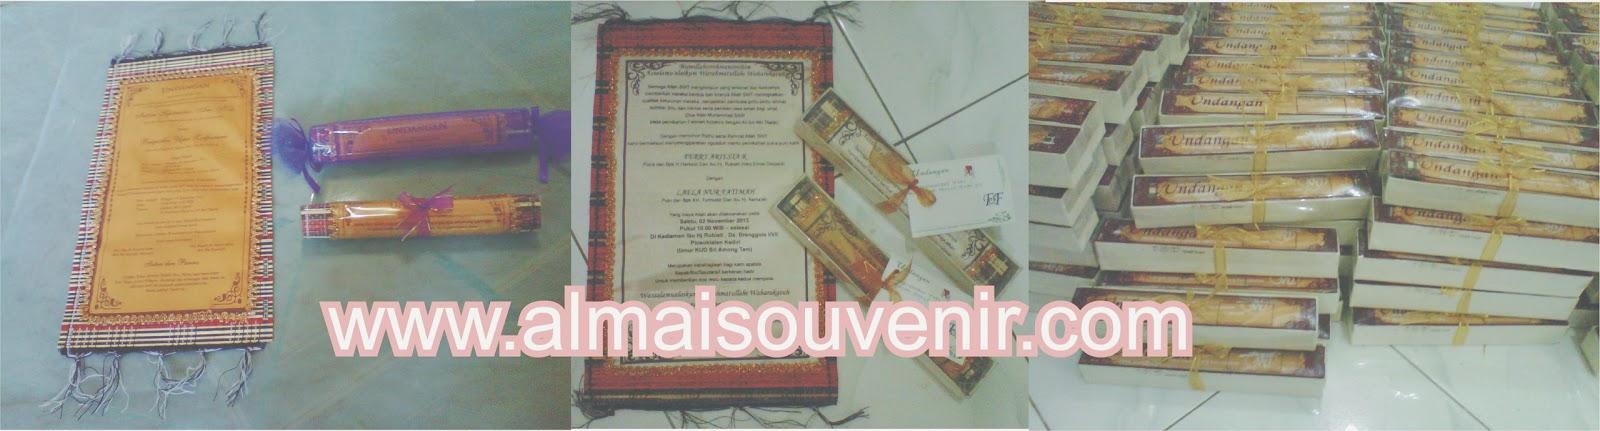 undangan plismate dengan kemasan tile, undangan plismate kemas plastik , undangan plismate , undangan unik, undangan etnik, undangan pernikahan murah